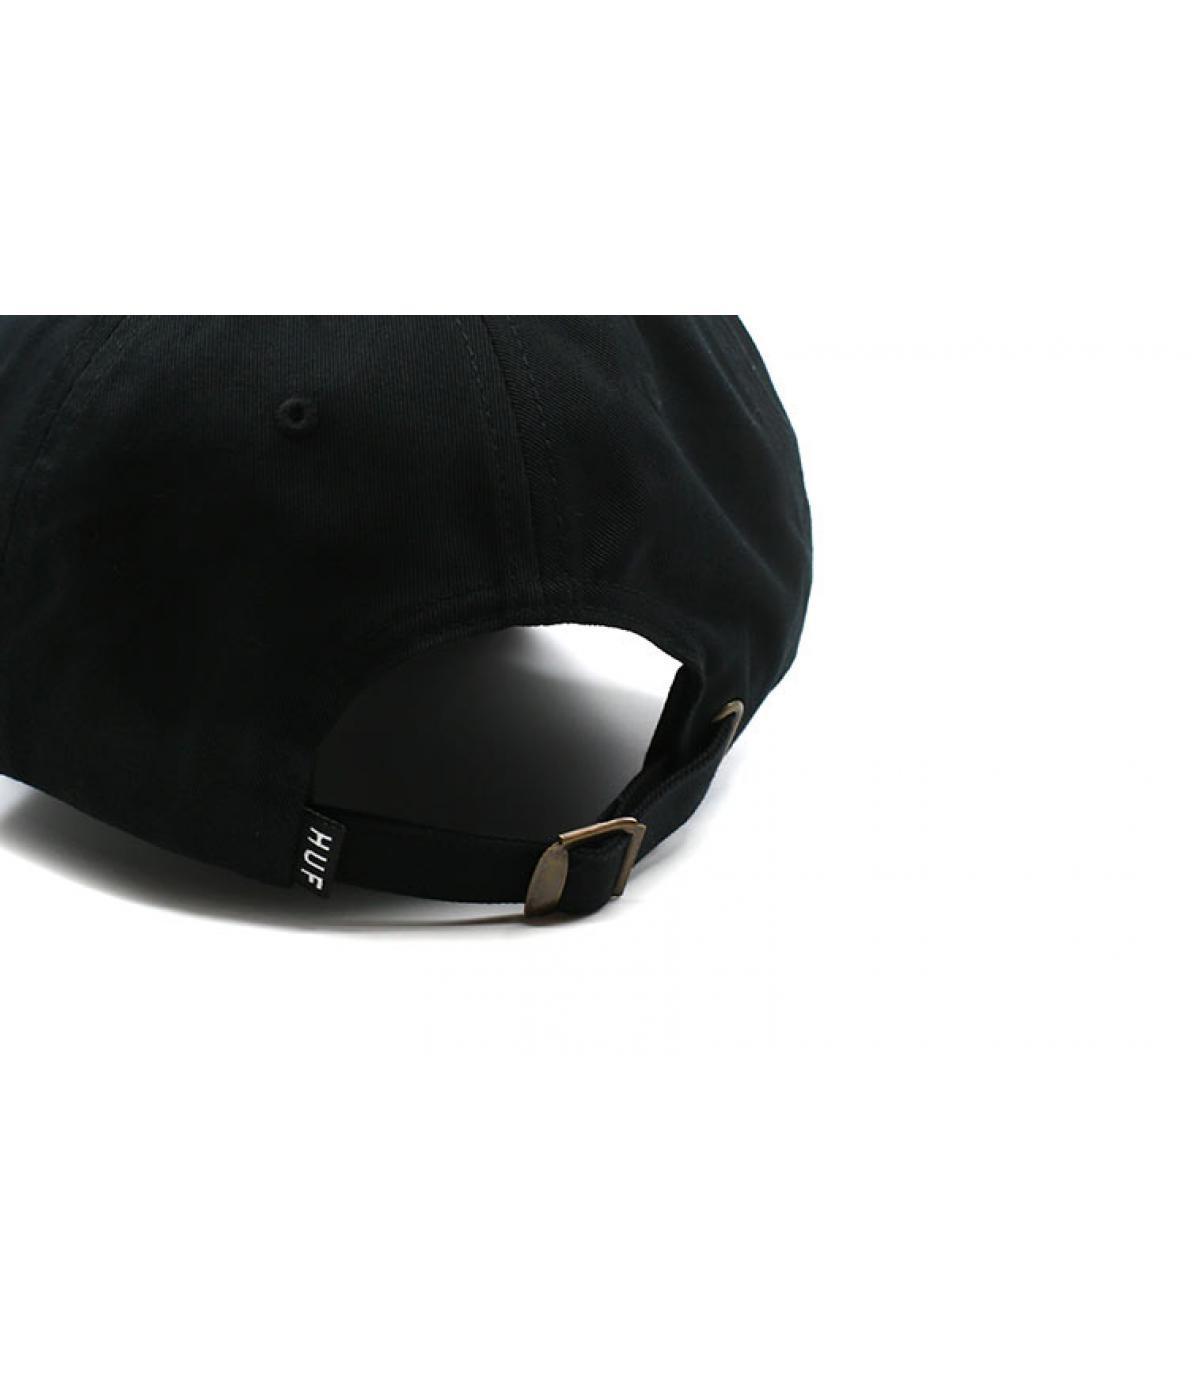 Details Curve Sedona black - afbeeling 5